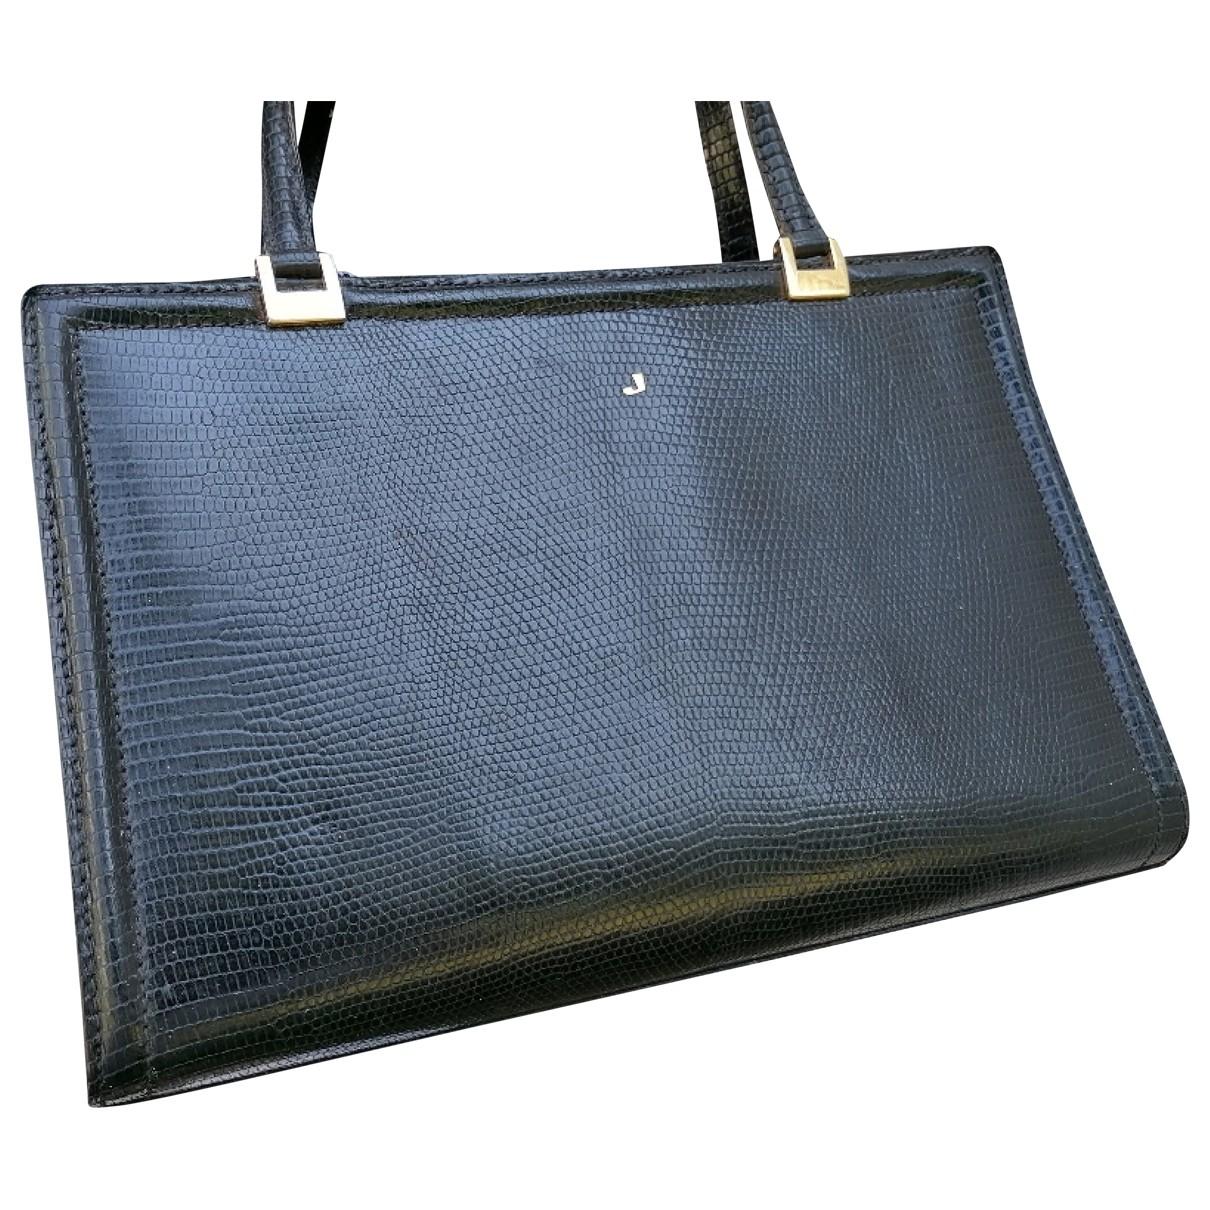 Charles Jourdan \N Handtasche in  Schwarz Leder